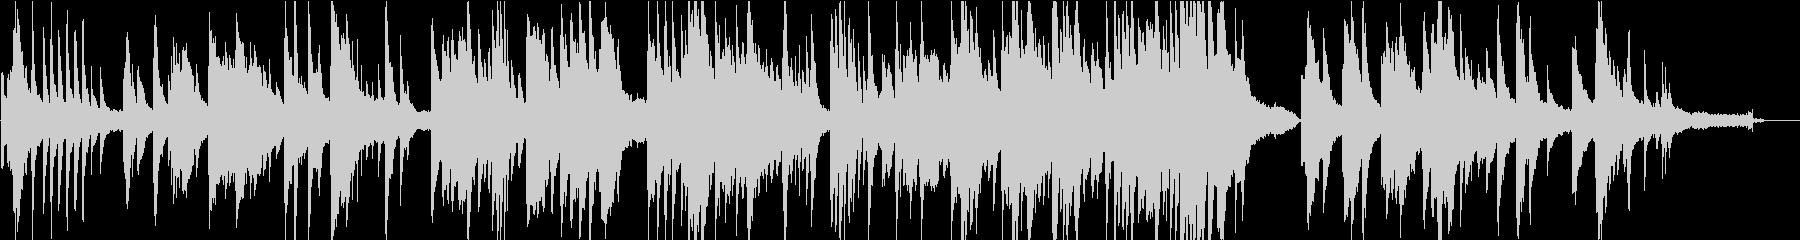 移り変わっていくものを表したピアノ曲の未再生の波形